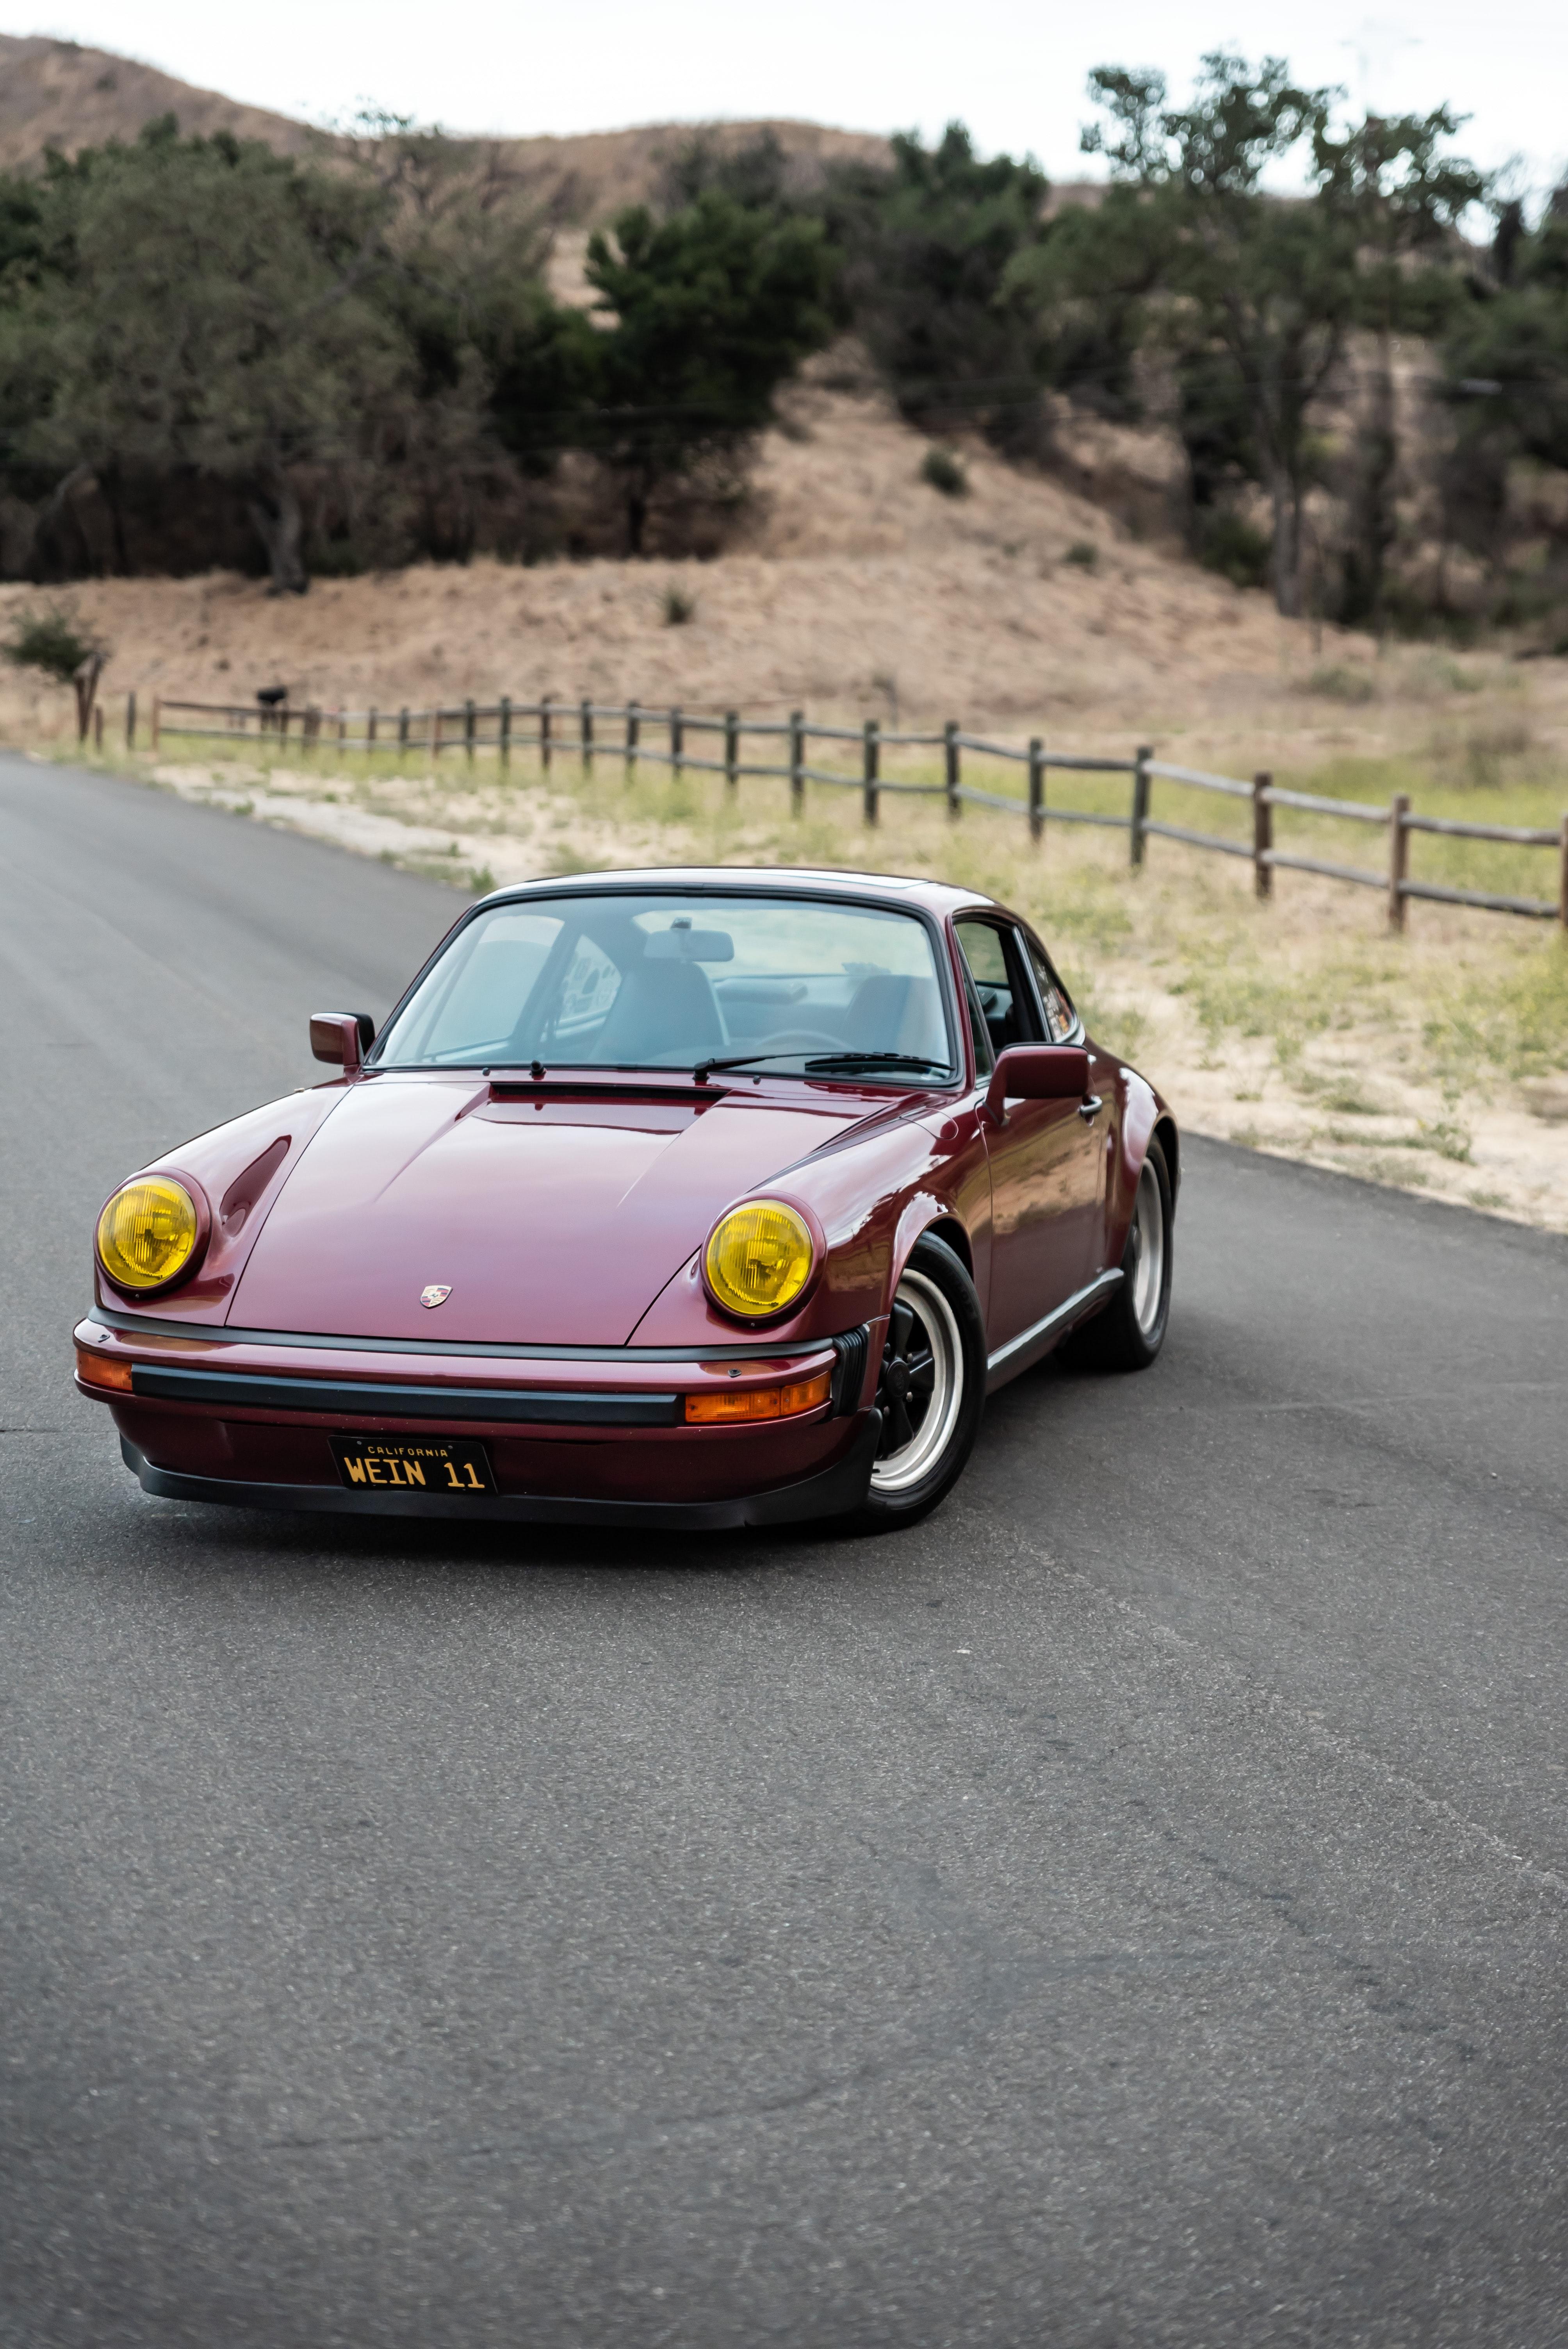 148088 Заставки и Обои Порш (Porsche) на телефон. Скачать Порш (Porsche), Тачки (Cars), Красный, Автомобиль, Спорткар, Porsche 911 Sc картинки бесплатно